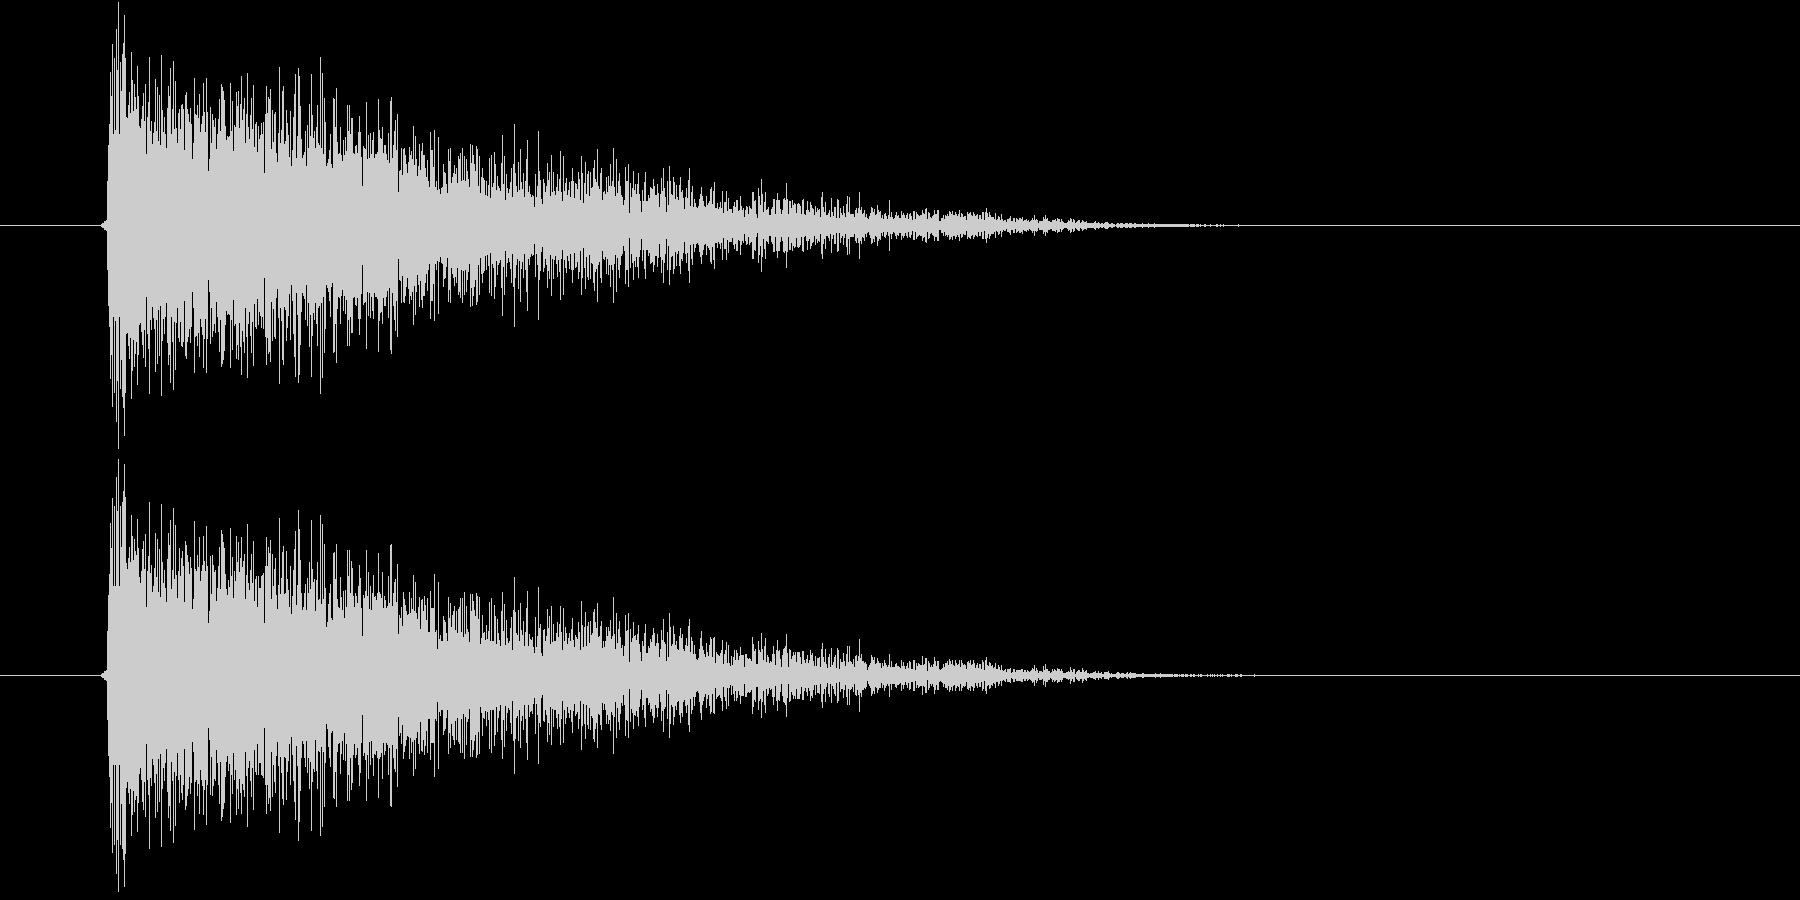 ジャーン(オーケストラのような決定音)の未再生の波形